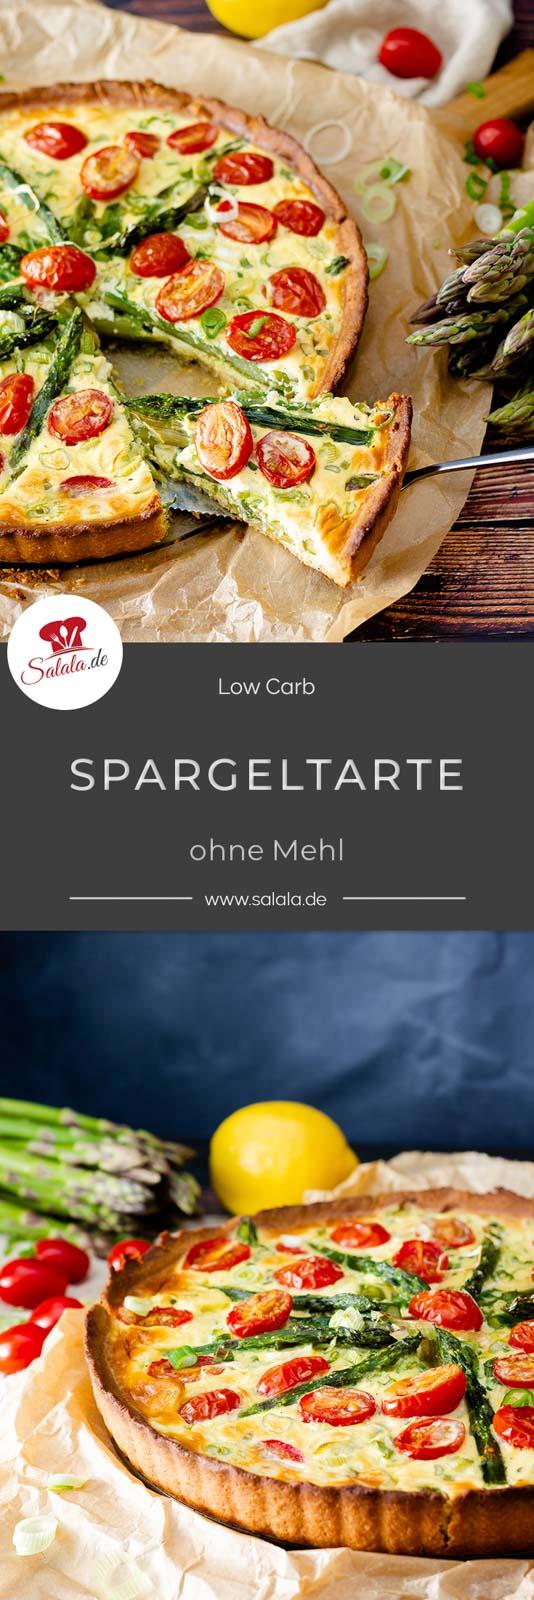 Wir haben sie wieder, die Spargelsaison. Und was gibt es leckereres als grünen Spargel? Richtig. Spargel in Form einer Quiche. Deshalb gibt's für dich ein ganz leckeres Low Carb Spargeltarte Rezept. Natürlich ohne Mehl und damit glutenfrei. Oderr ist es nicht doch eher eine Quiche? Was meinst du?  #spargelquiche #leckerimfruehling #spargeltarte #lowcarb #lowcarbmuerbeteig #lowcarbquiche #lowcarbtarte #rezeptemitspargel #spargelrezepte #lowcarbrezepte